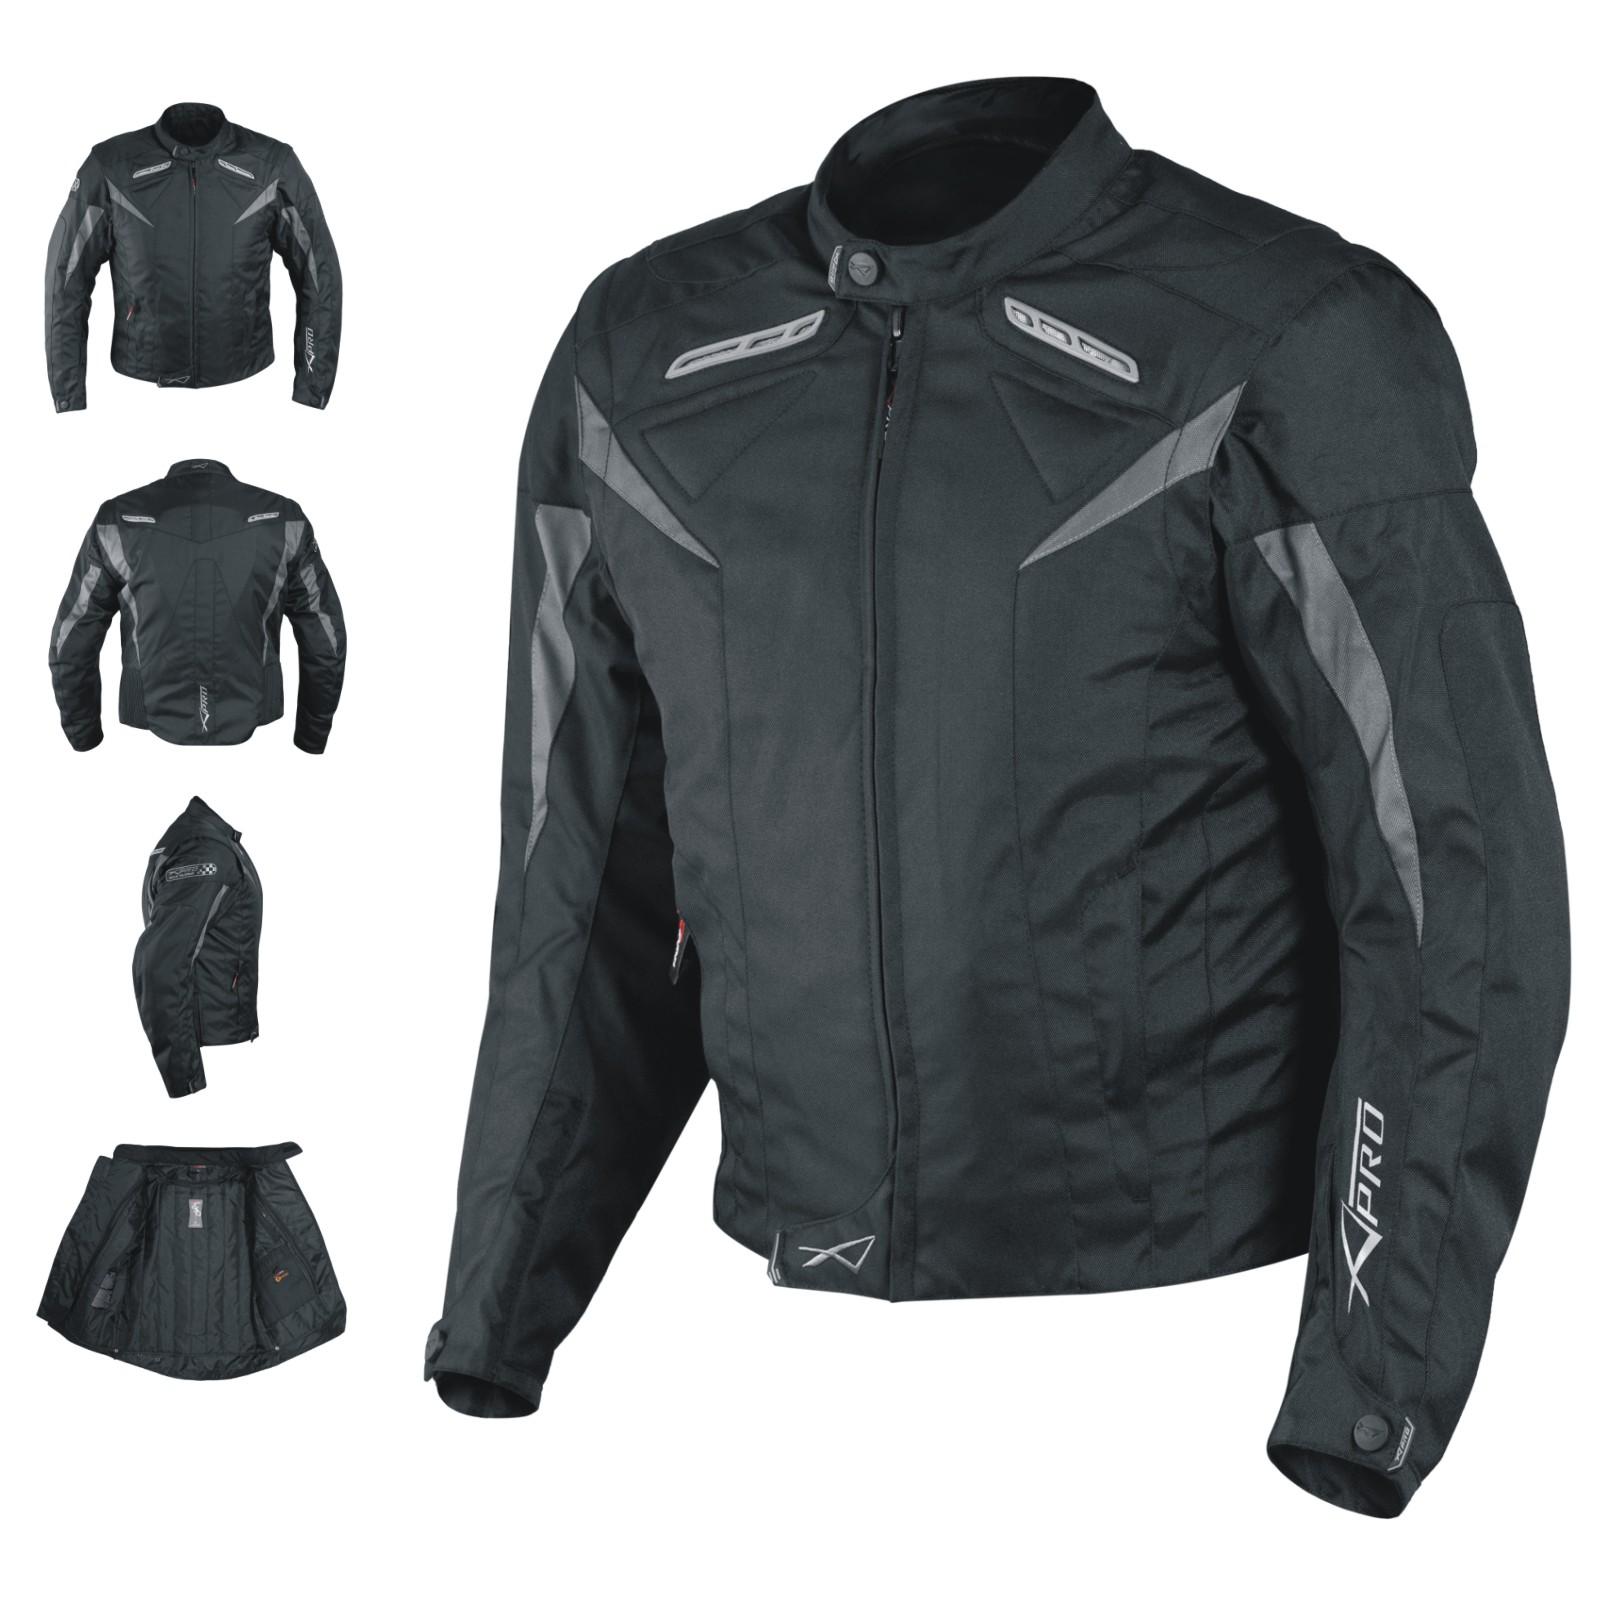 Clásico Para Invierno Hombre Textil Negro Estilo De Chaquetas dC57wnqdXH